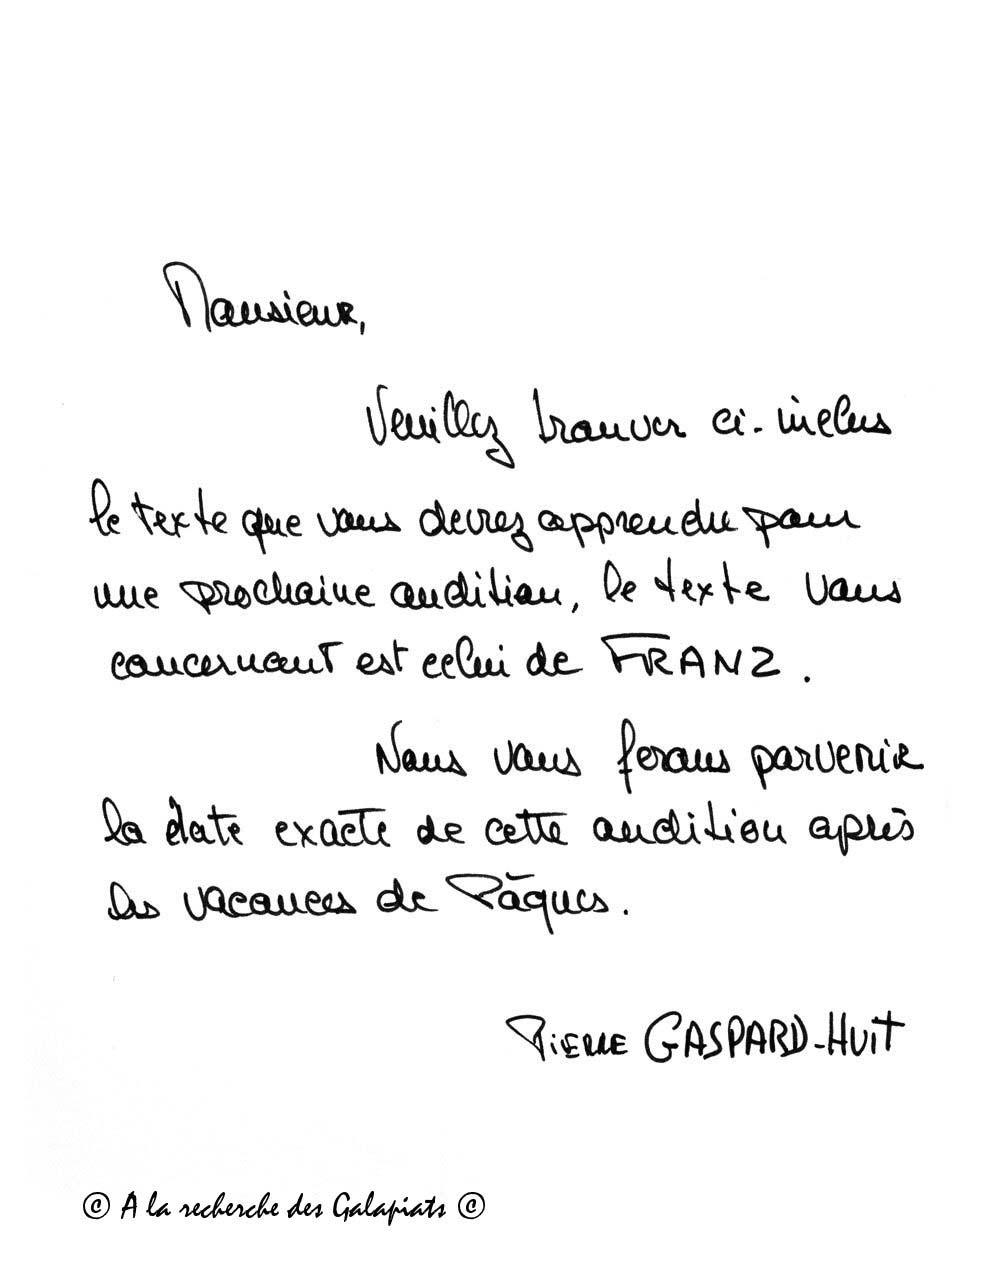 Sample Cover Letter: Exemple De Lettre Manuscrite